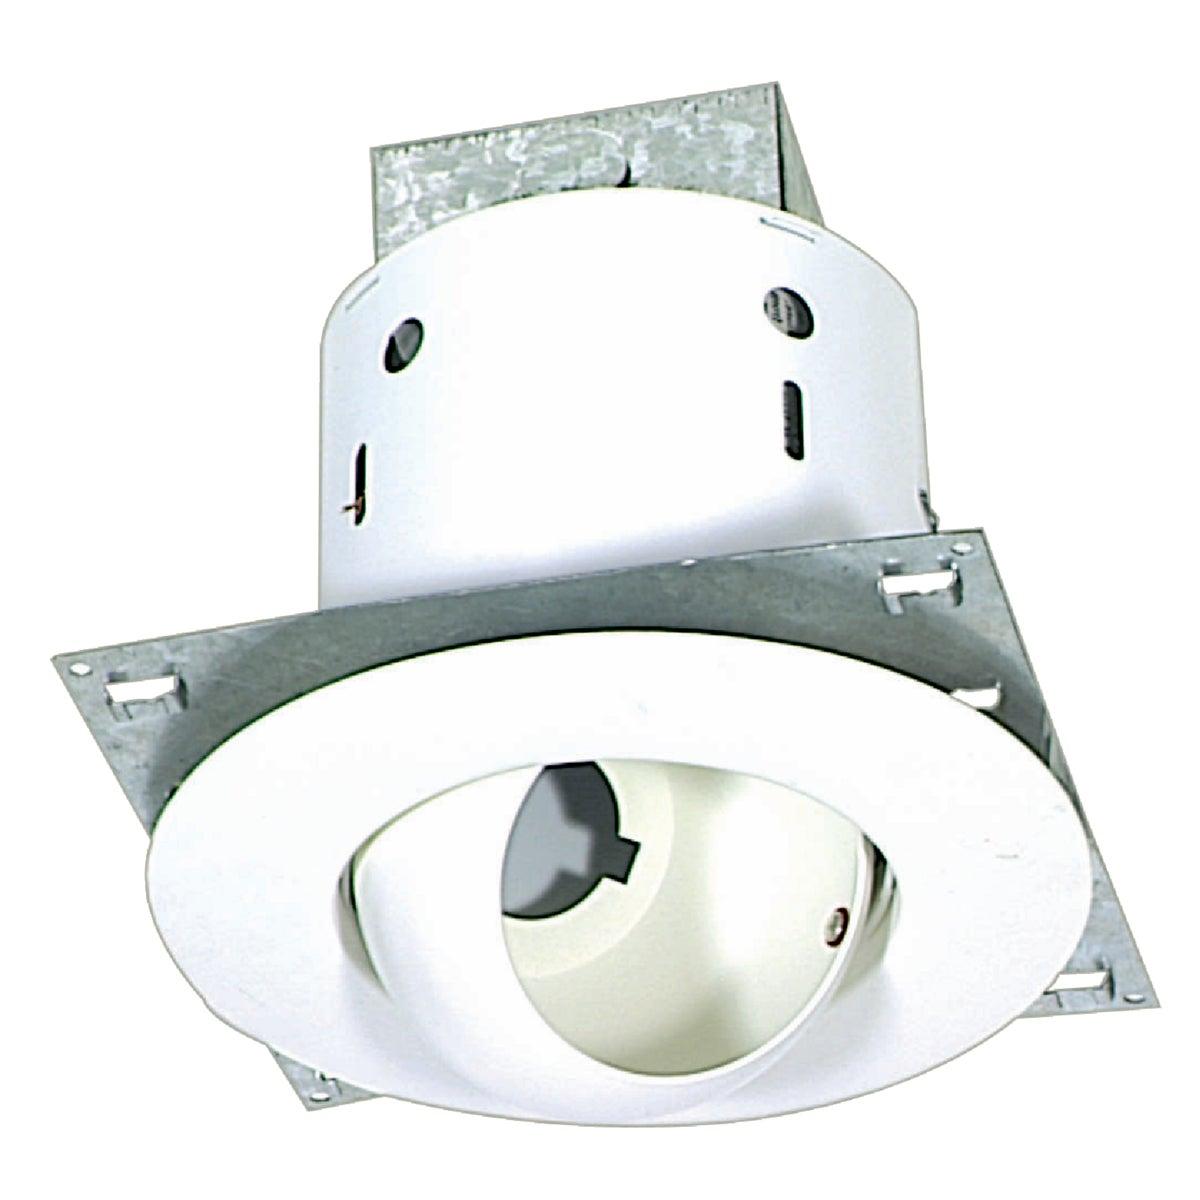 Thomas Lighting RECESSED LIGHT KIT DY6410